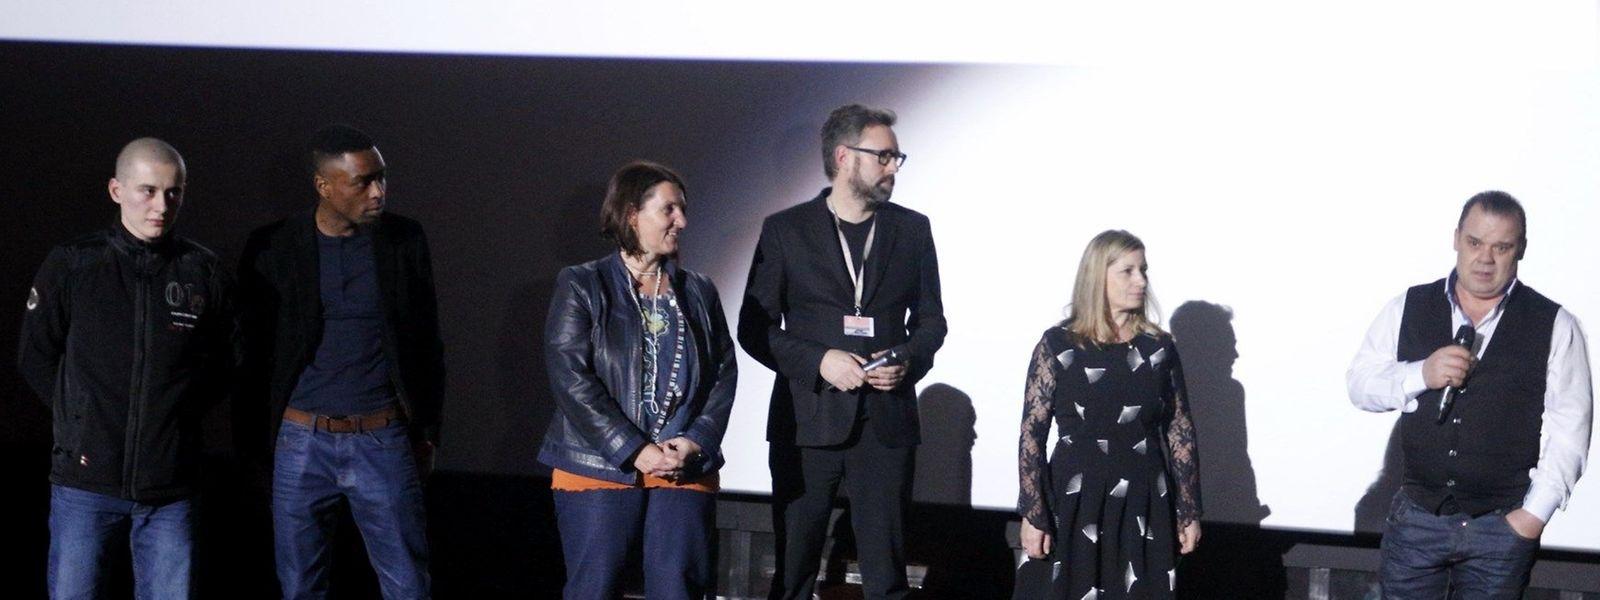 A produtora do filme, Anne Schroeder (ao centro), com os quatro principais protagonistas, o luso-descendente Jonathan Latron Loureiro, o cabo-verdiano Carlos Borges, e os portugueses Isabel Oliveira e Fernando Santos.